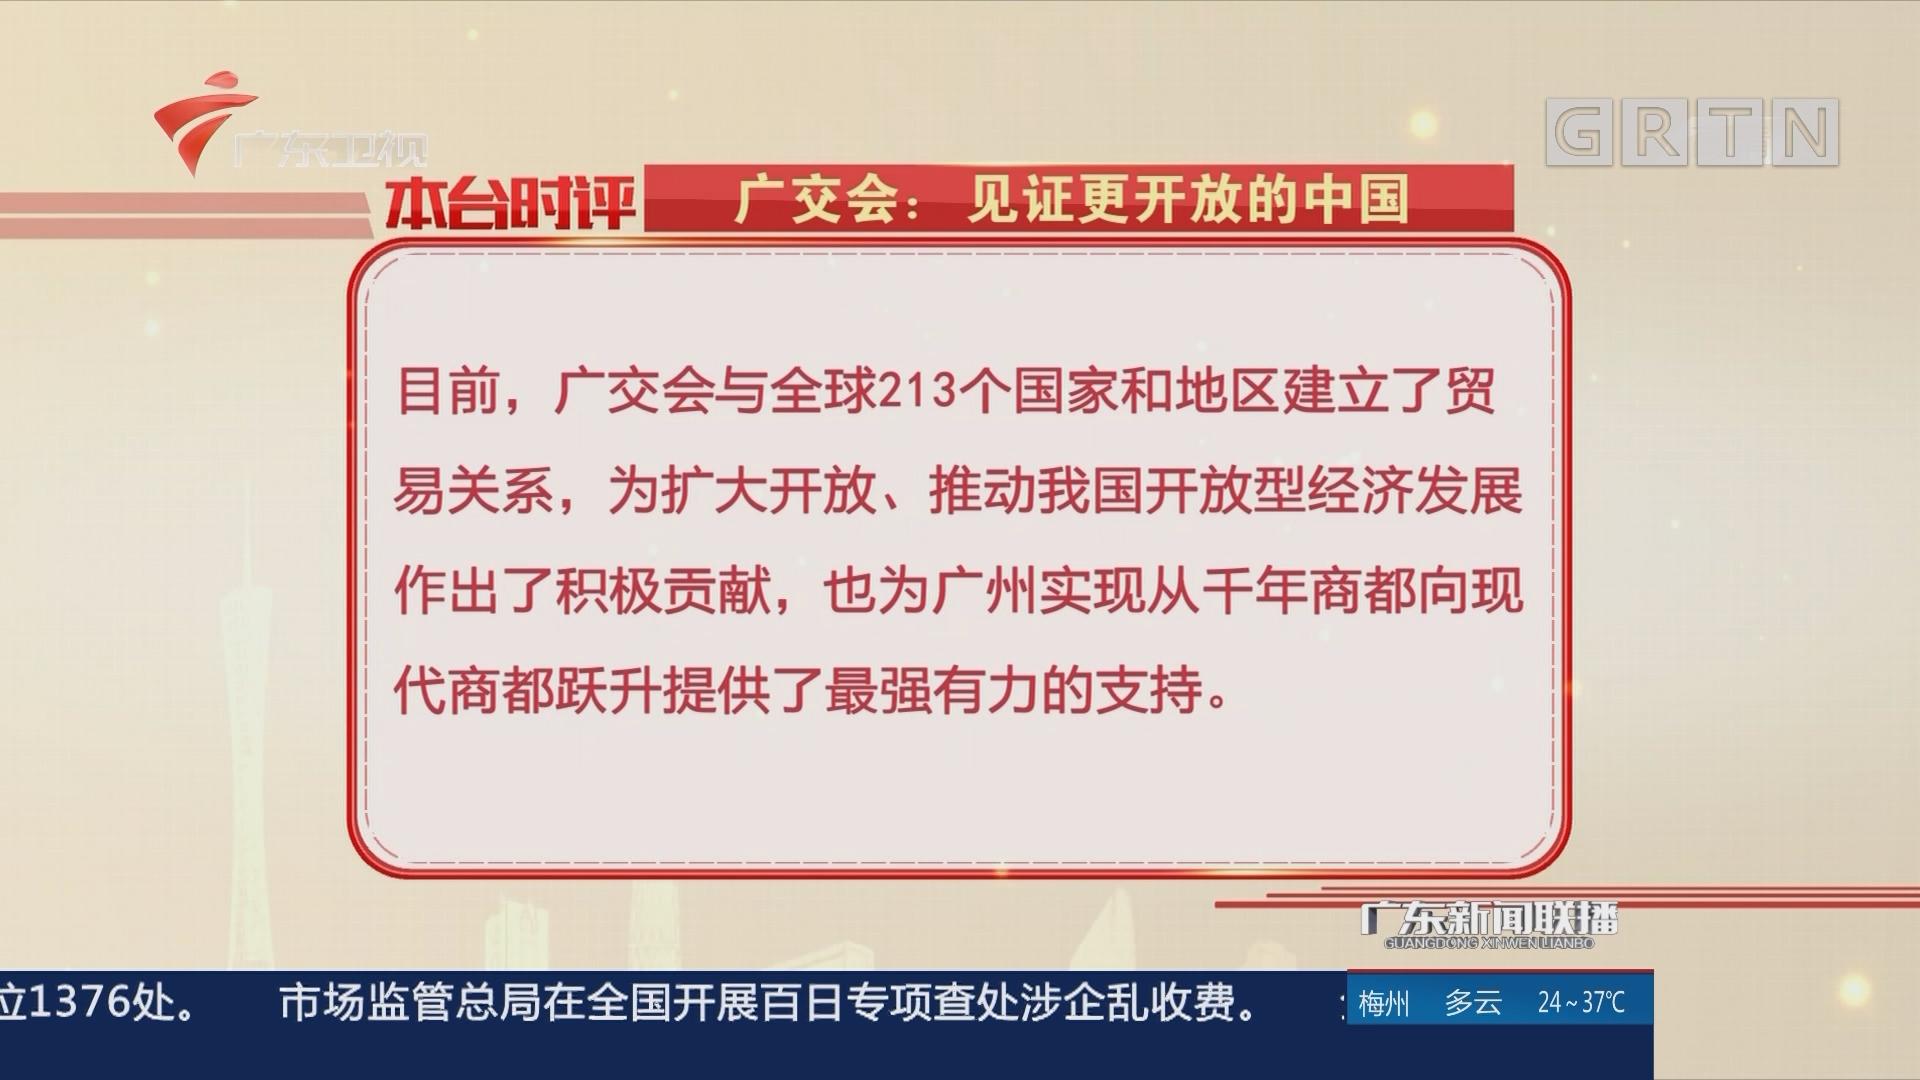 广交会:见证更开放的中国